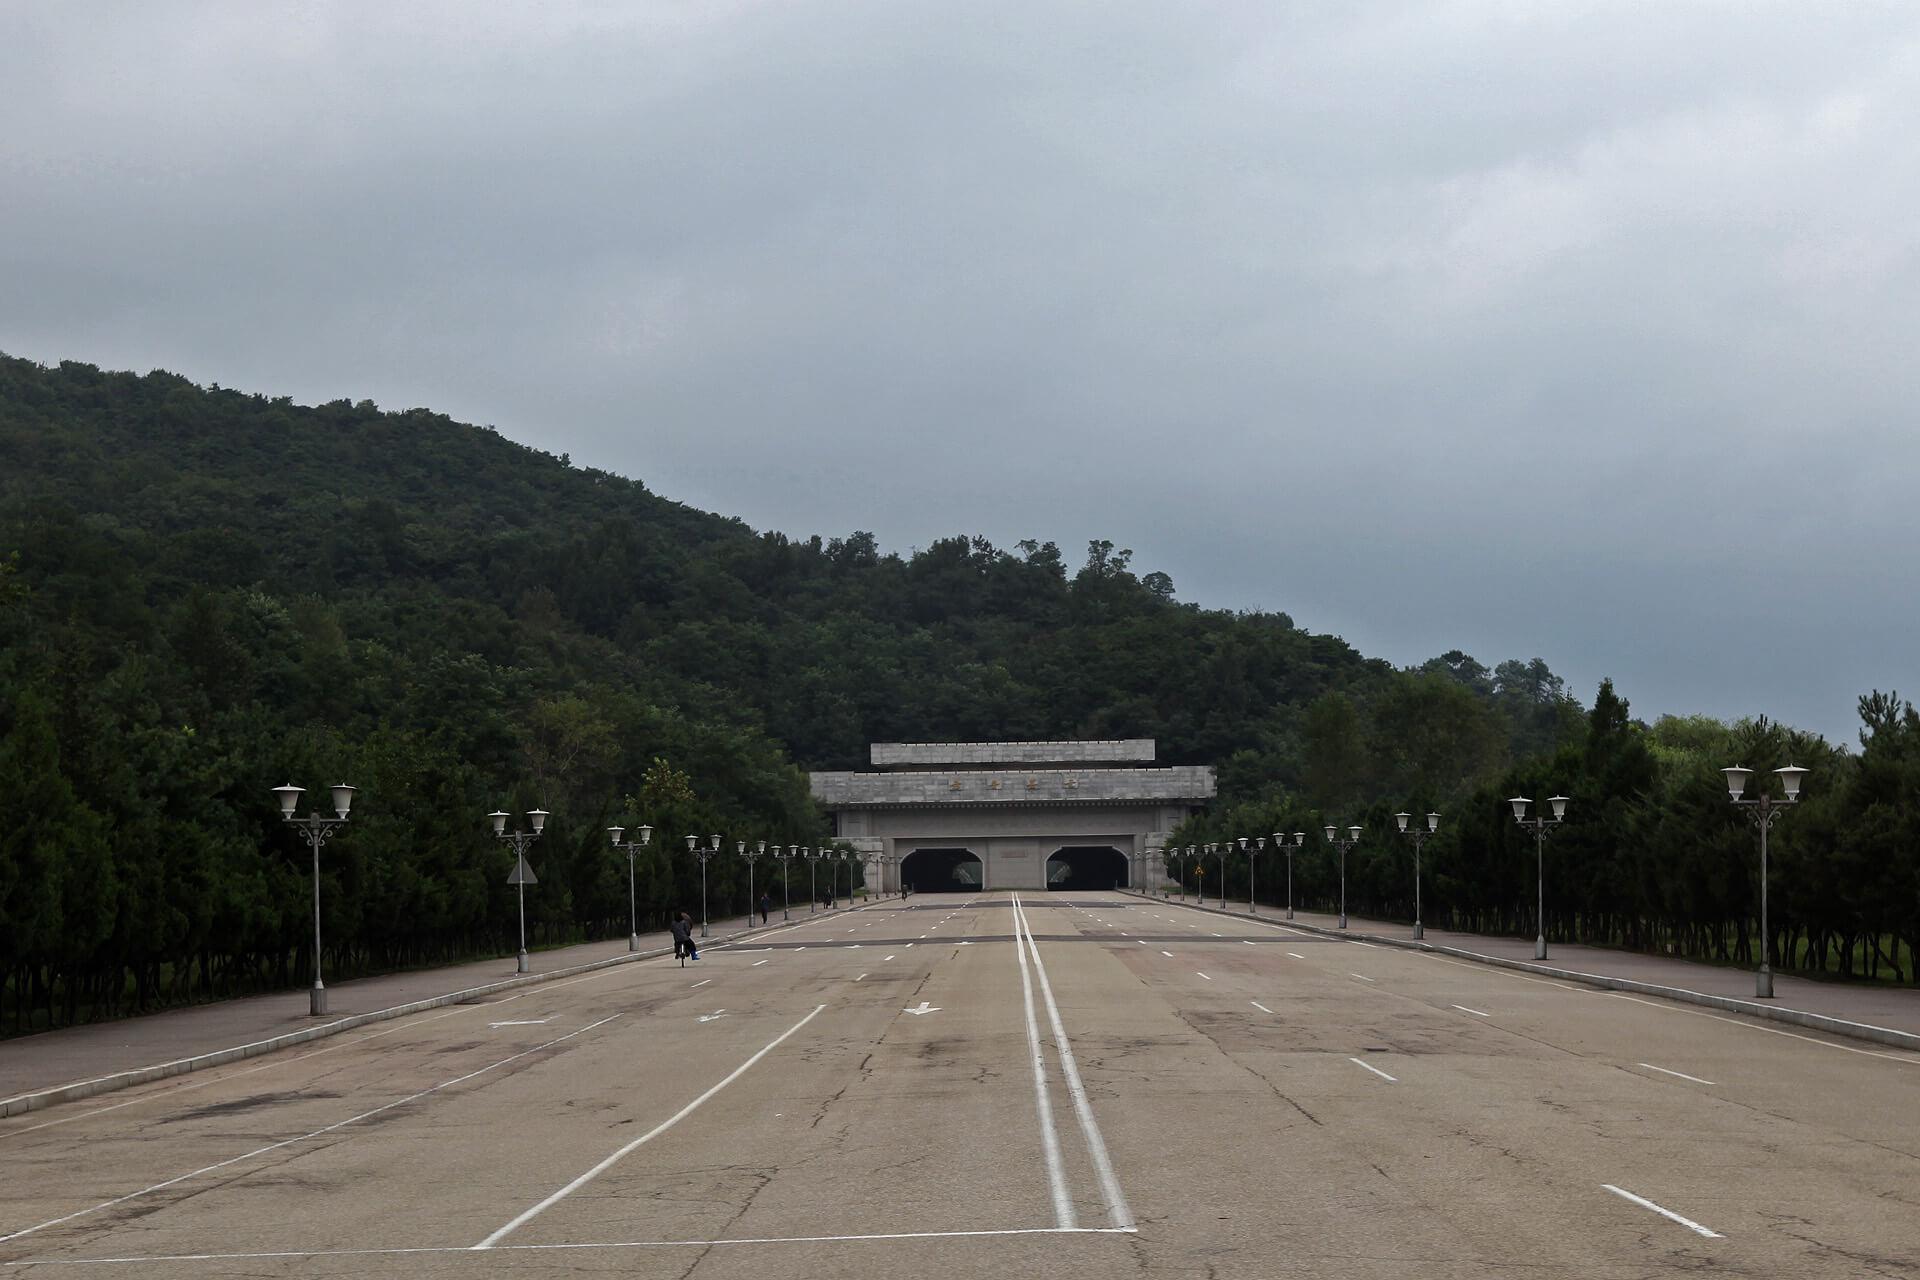 Rozhovor: Severná Kórea je cesta do minulosti